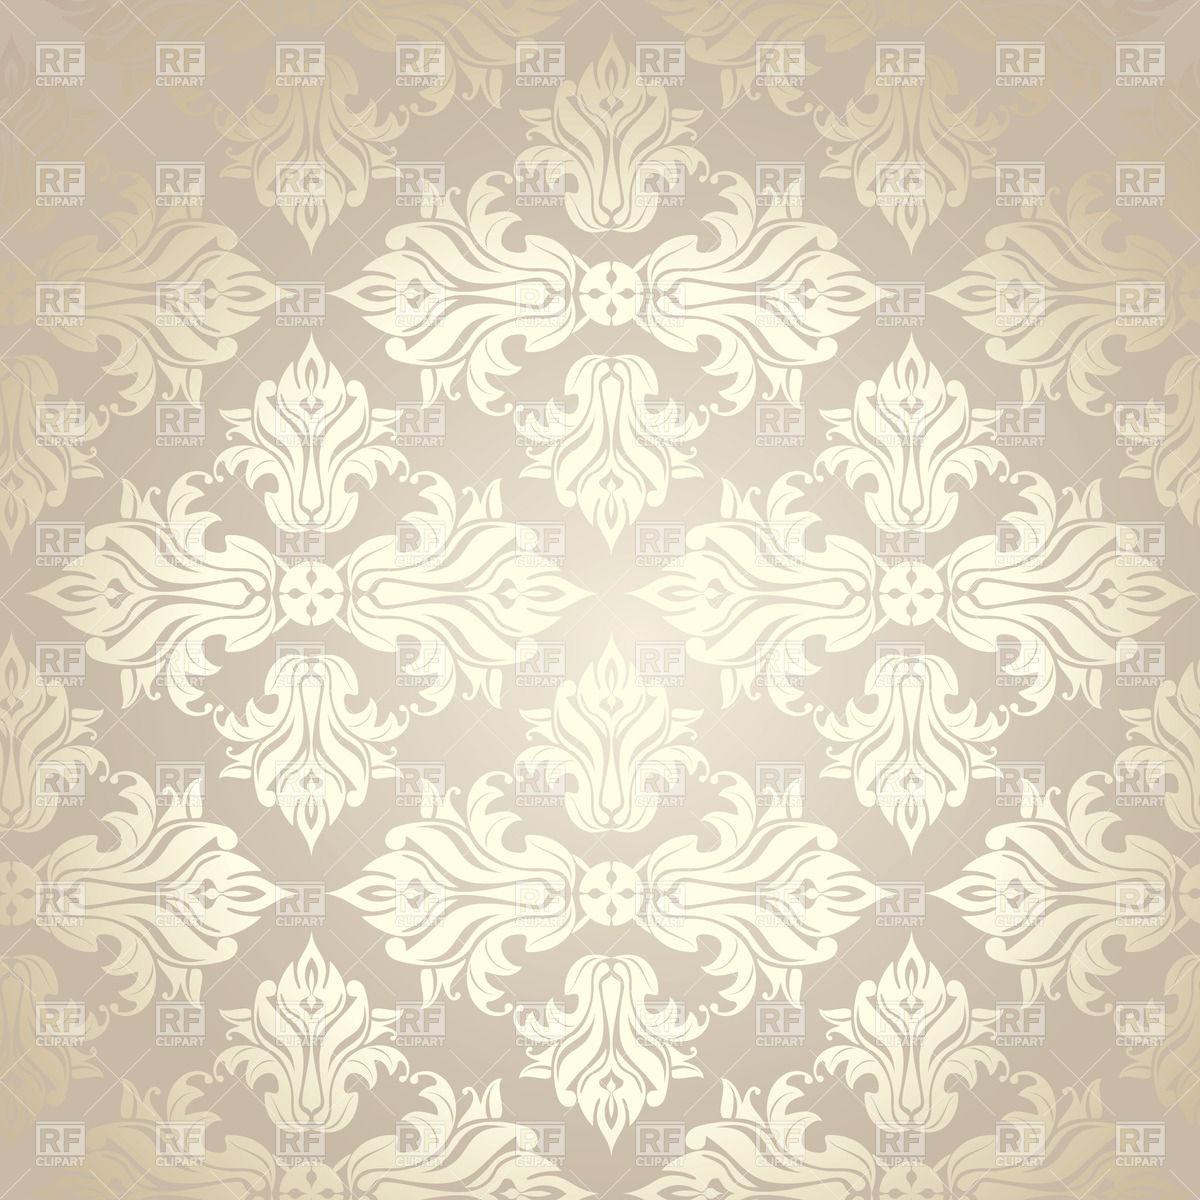 Free Download Gray Damask Wallpaper Seamless Grey Damask Wallpaper